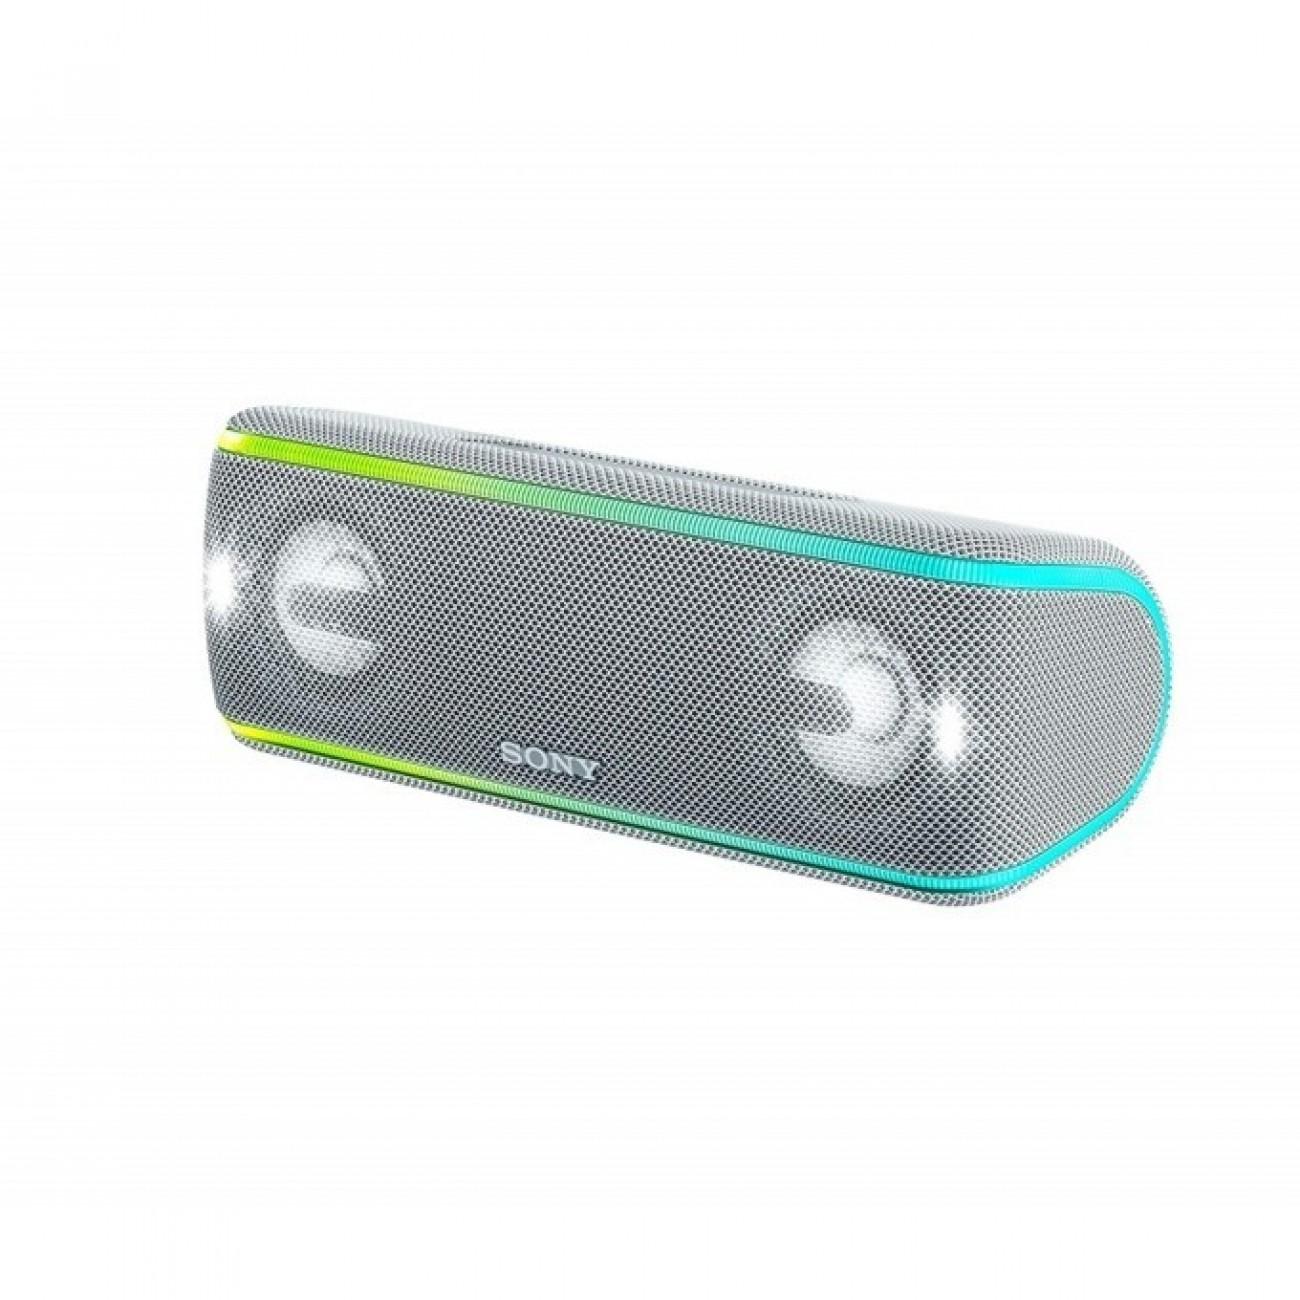 Тонколона Sony SRS-XB41, безжична, 2.0, Bluetooth, NFC, IP67, бяла в Колони -  | Alleop